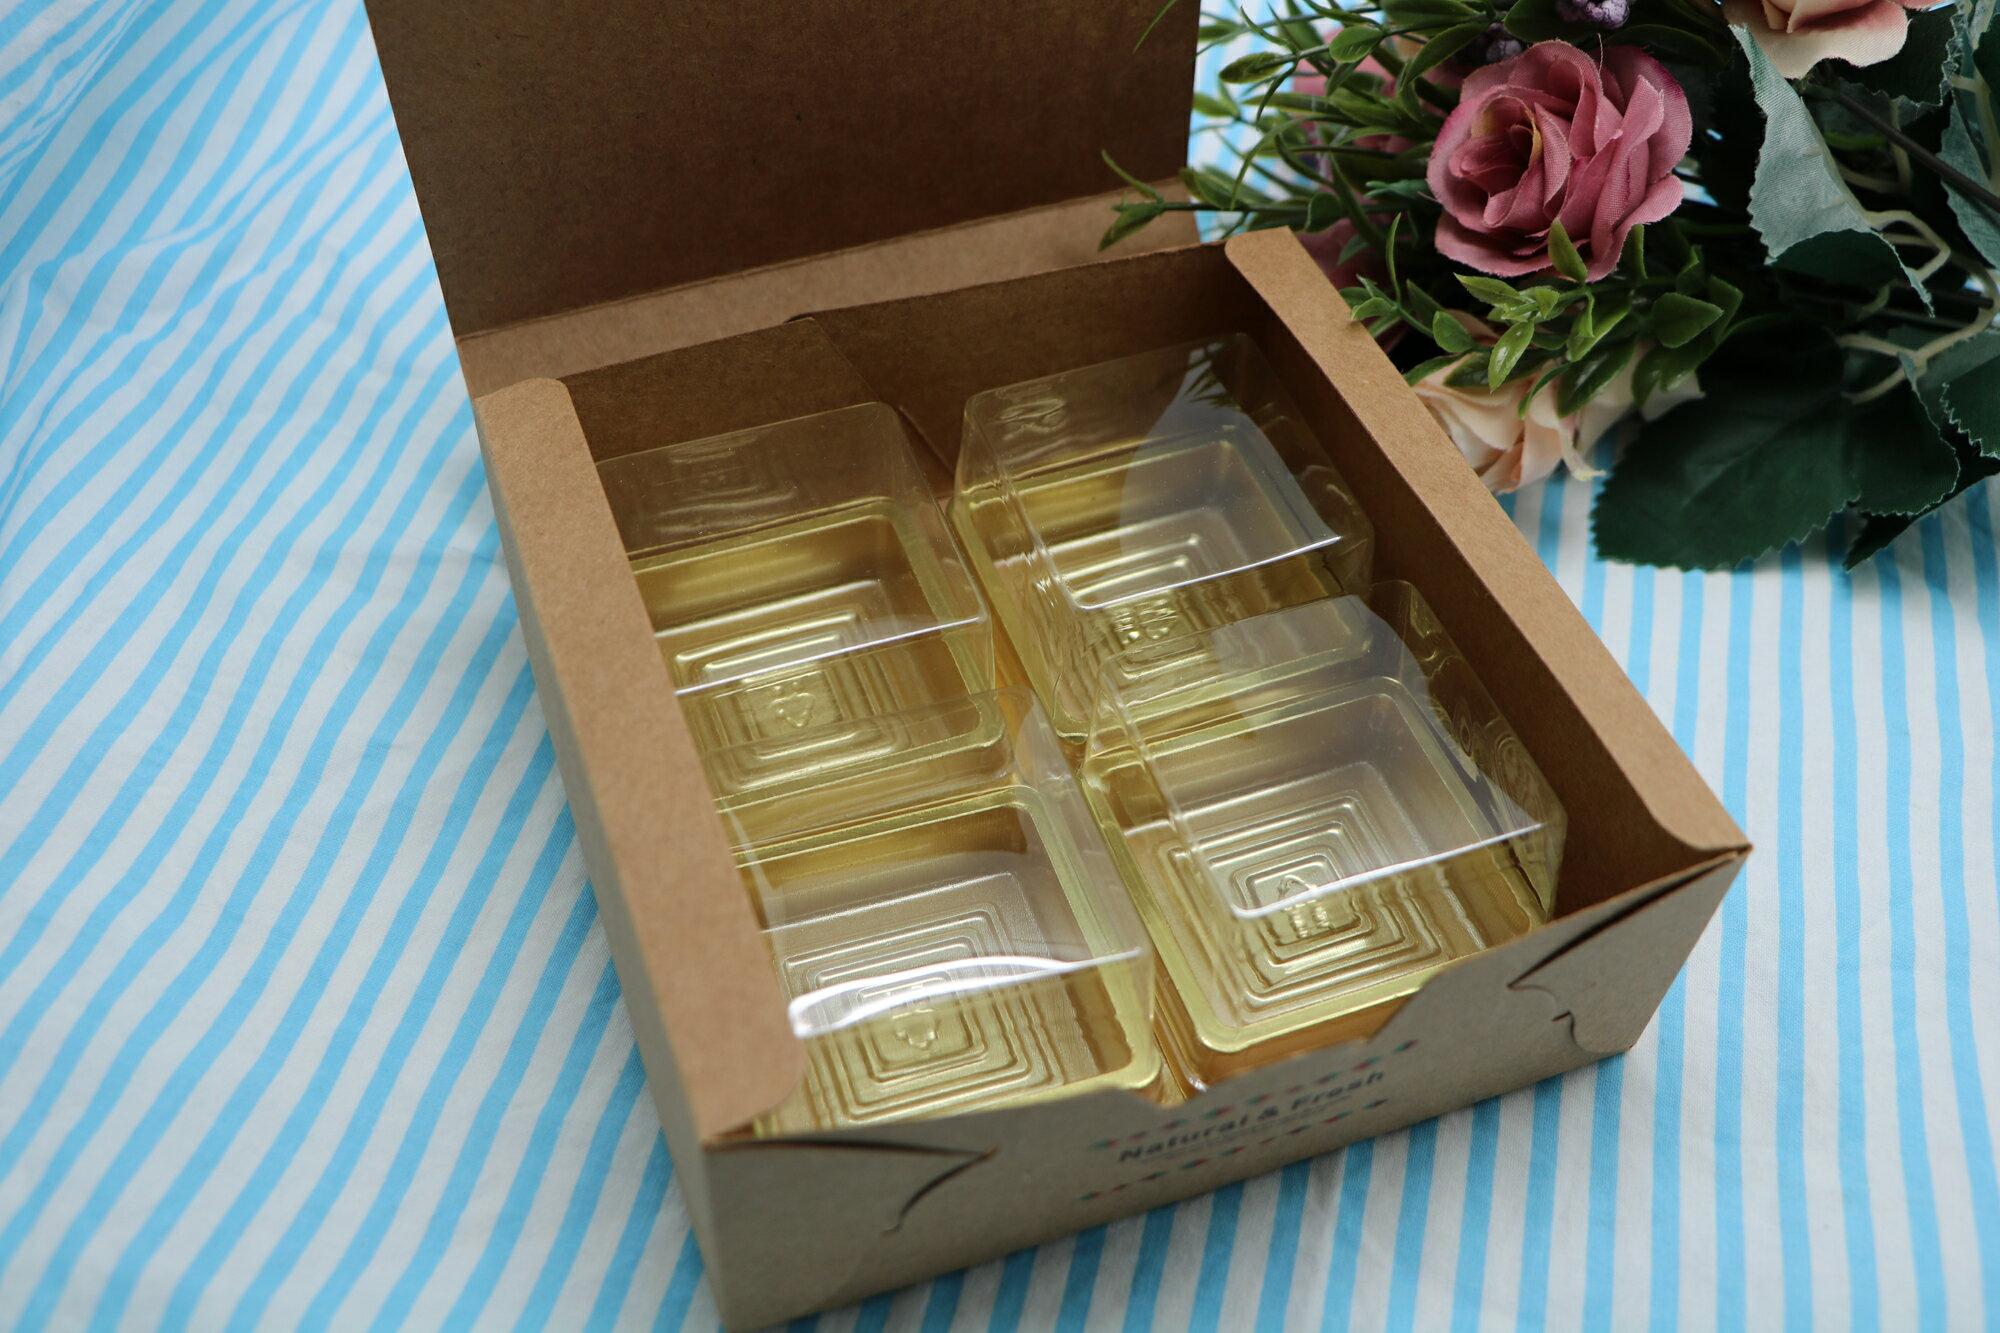 鳥語自然 DIY烘焙包裝盒套裝-四顆裝(芋頭酥/蛋黃酥/鳳梨酥/月餅)